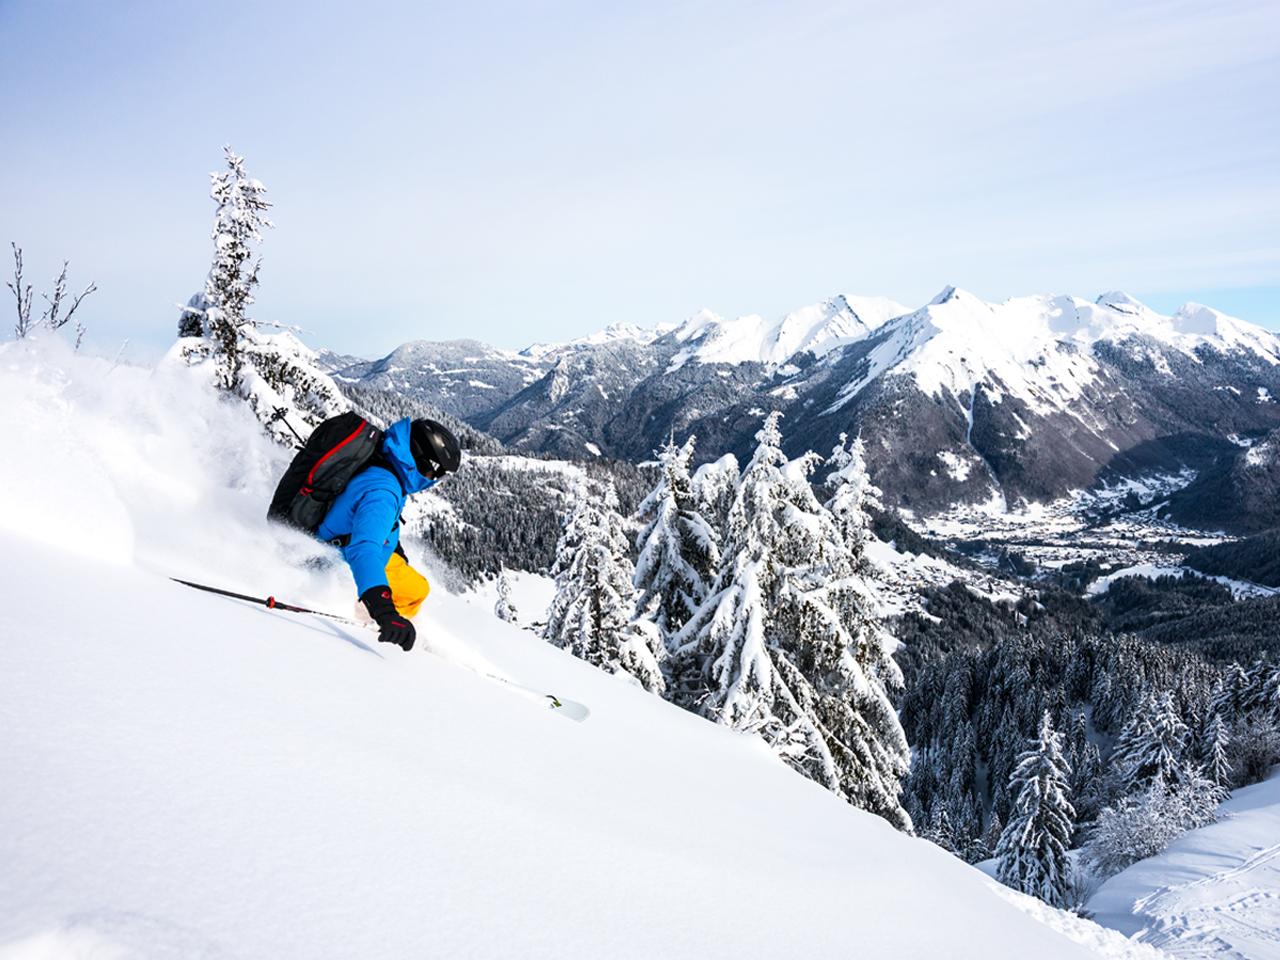 Activiteiten - Freeride ski